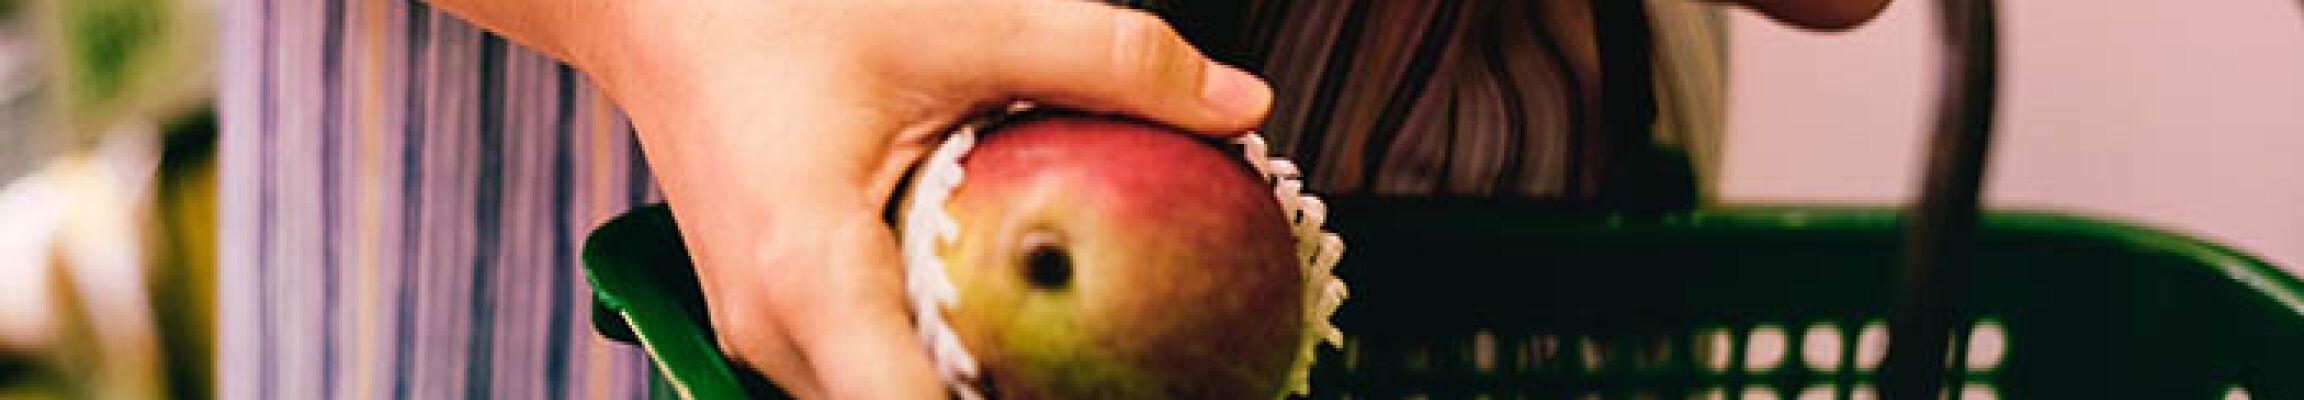 Essen richtig tracken - Fehler #4Lebensmittelquellen nicht geprüft